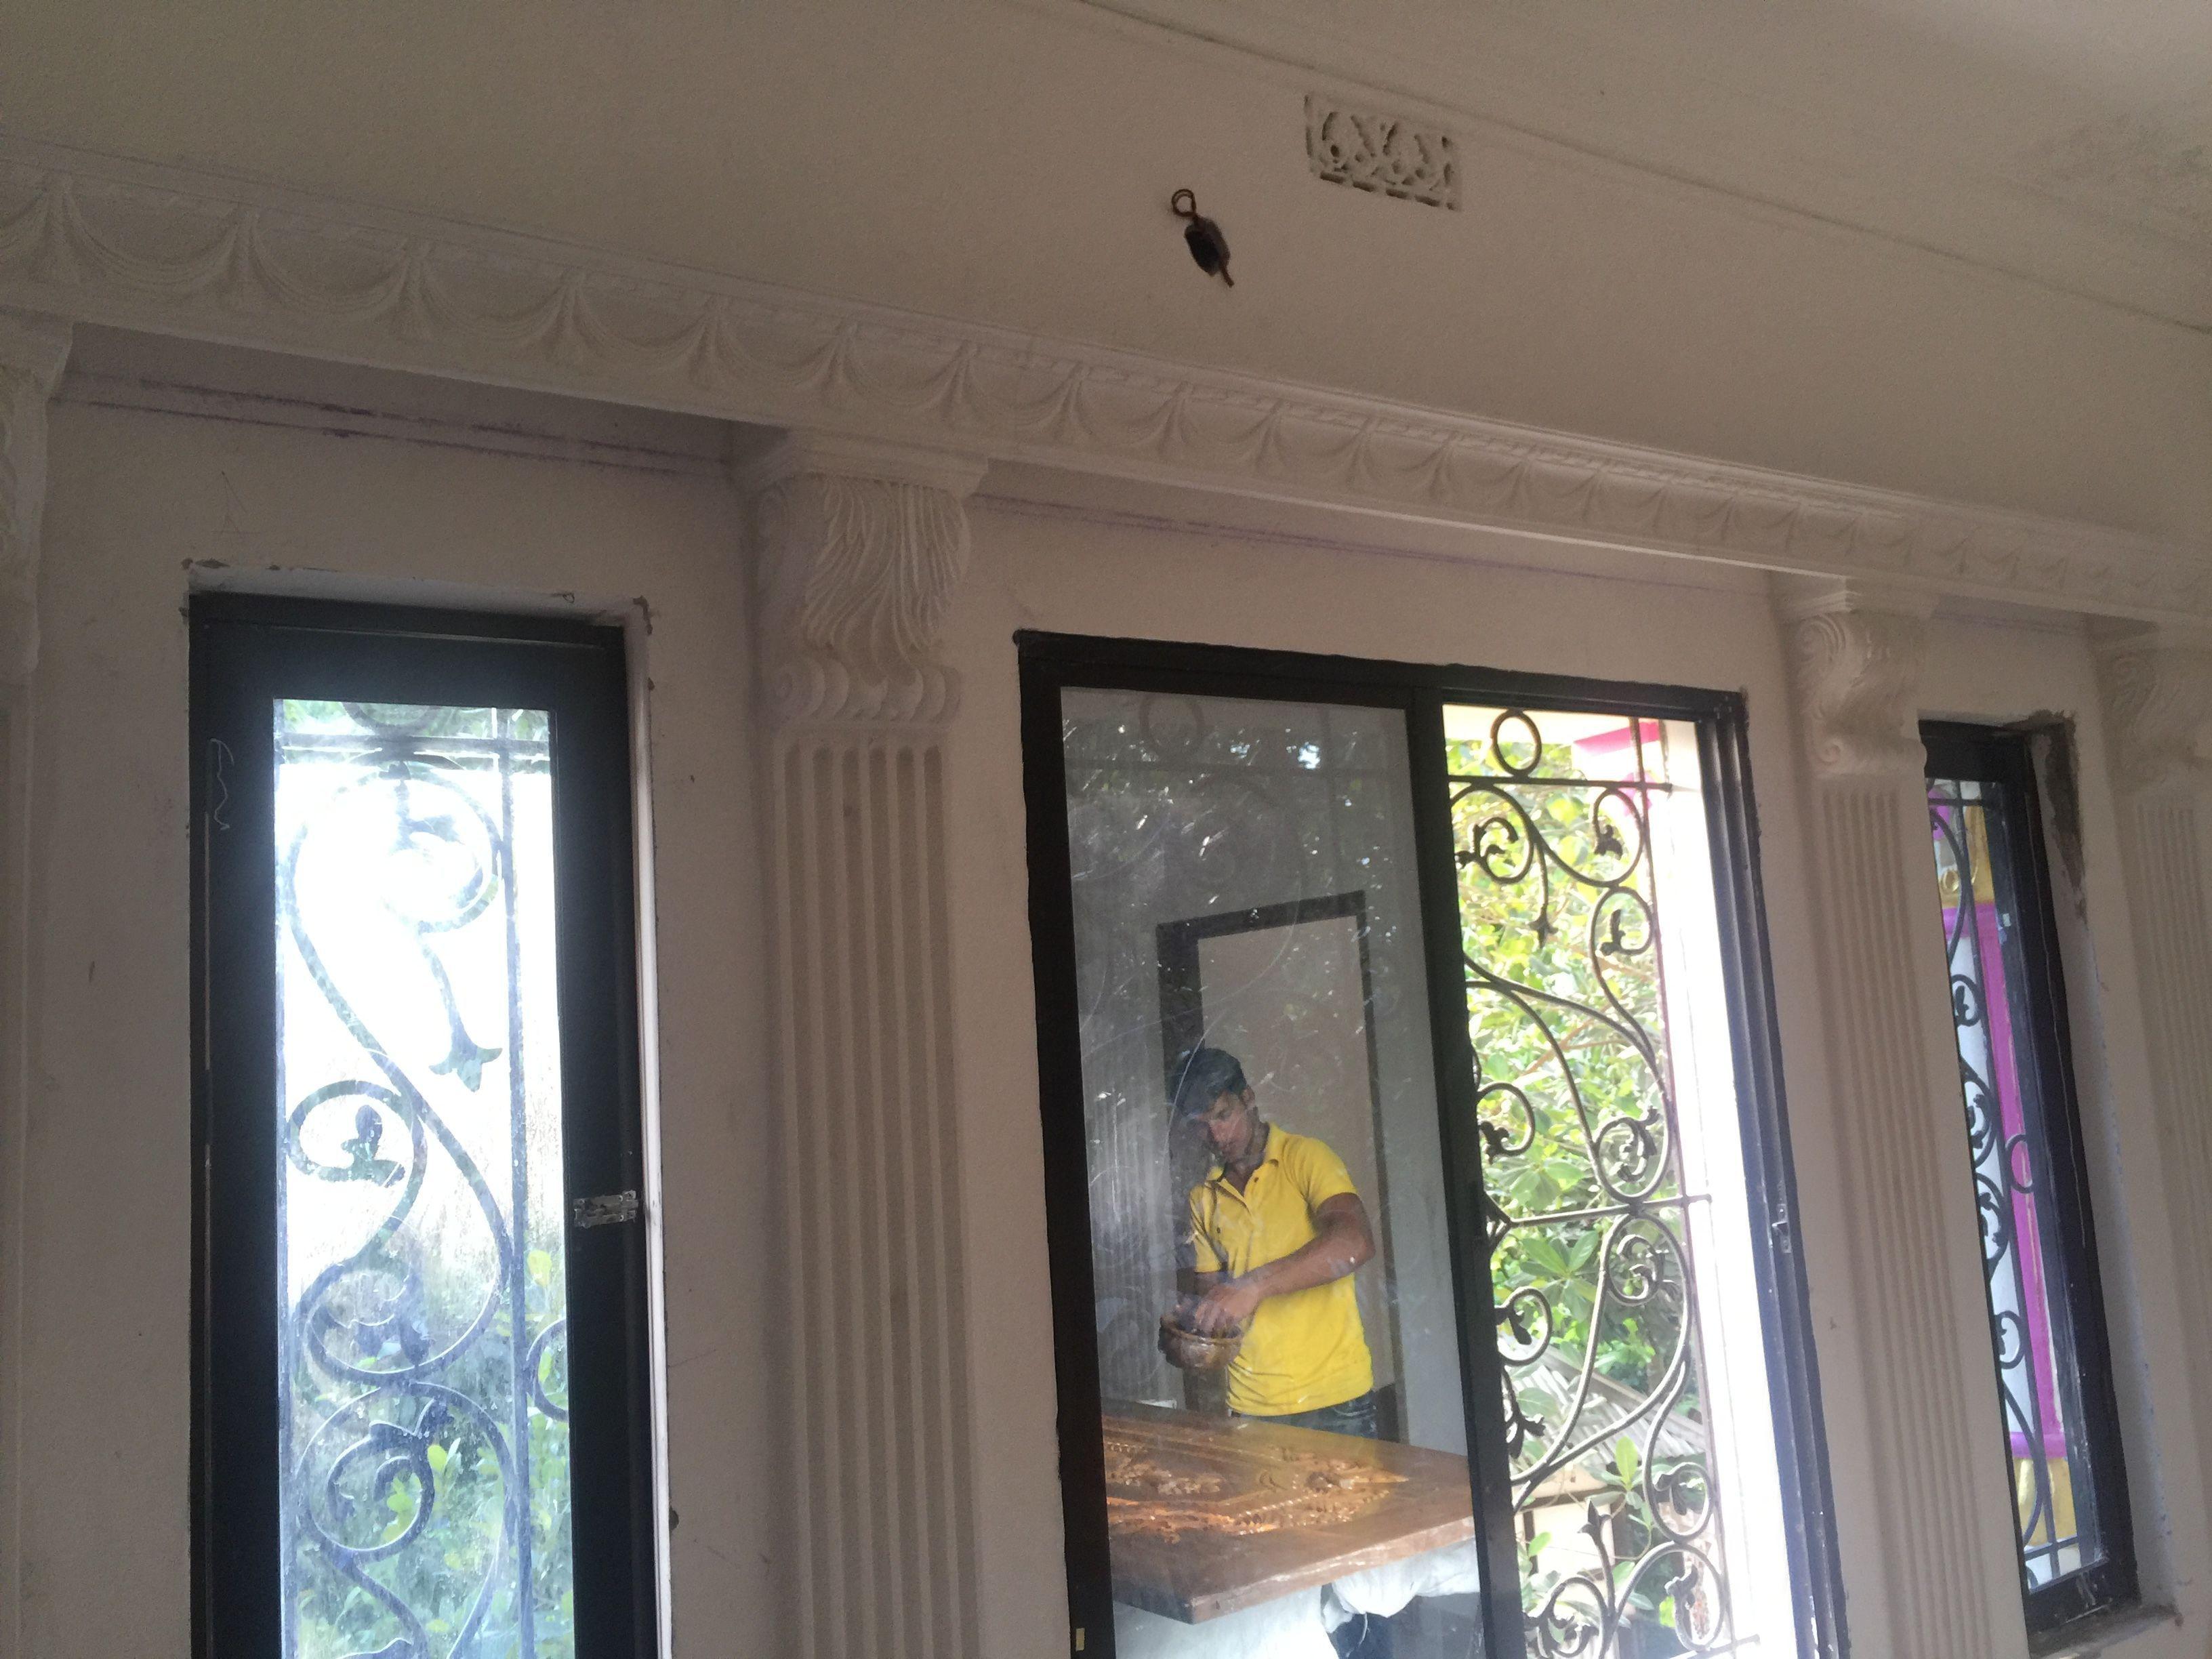 Badezimmerdesign bangladesch false ceiling lights ideas false ceiling ideas funplain false